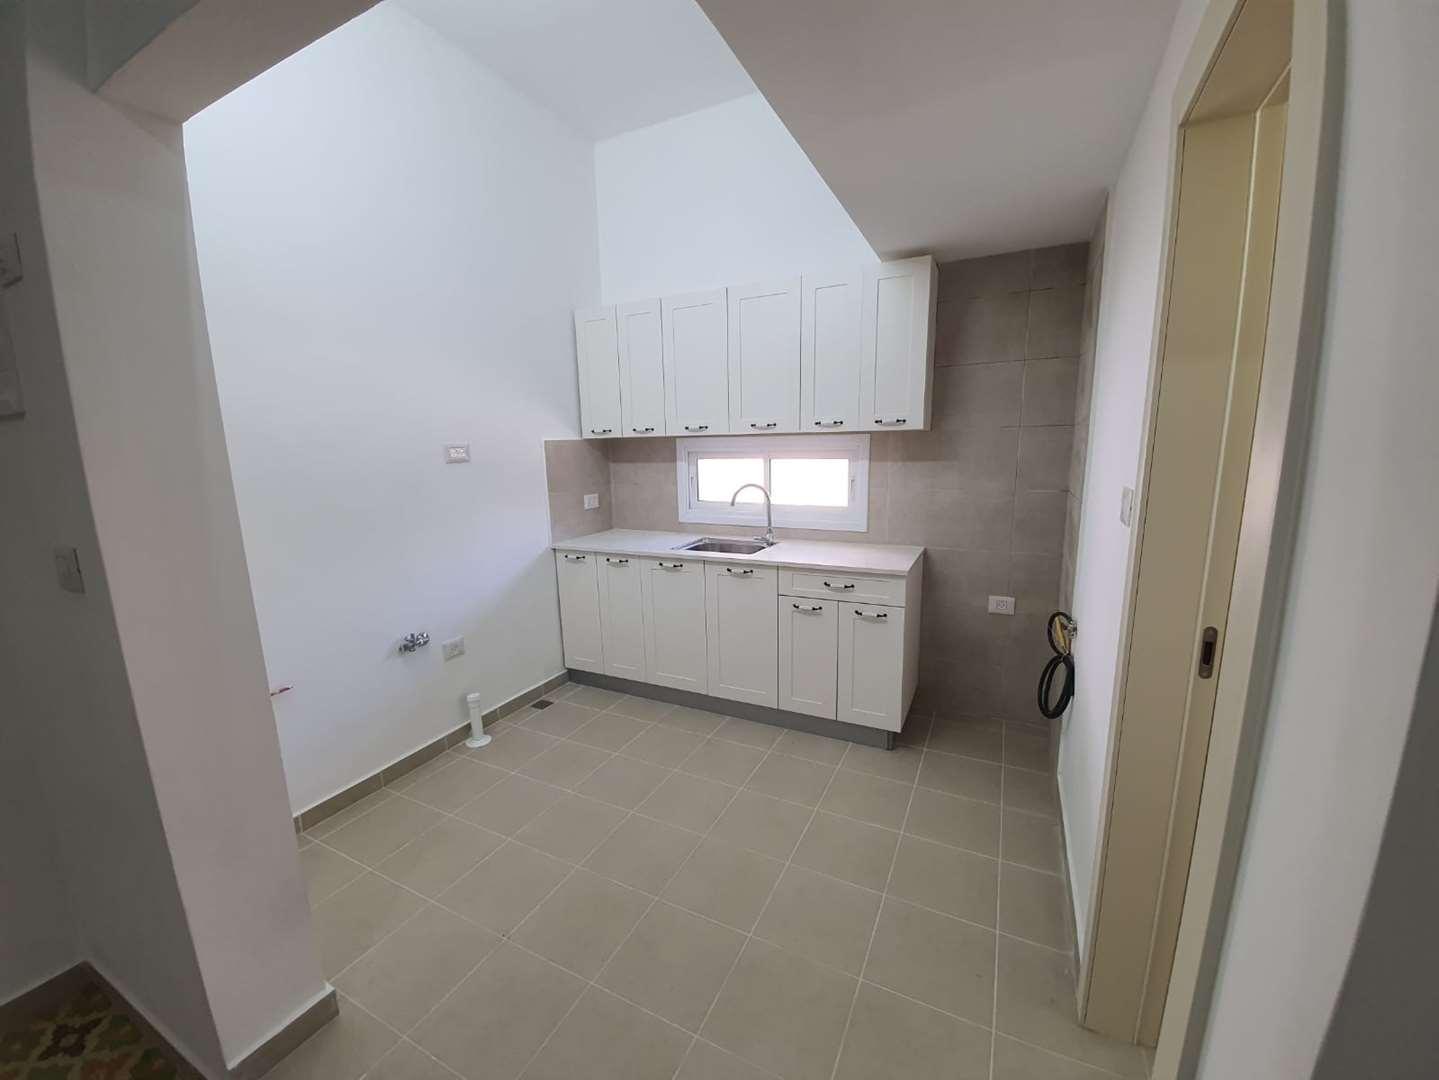 דירה להשכרה 3 חדרים בתל אביב יפו בעל הטורים